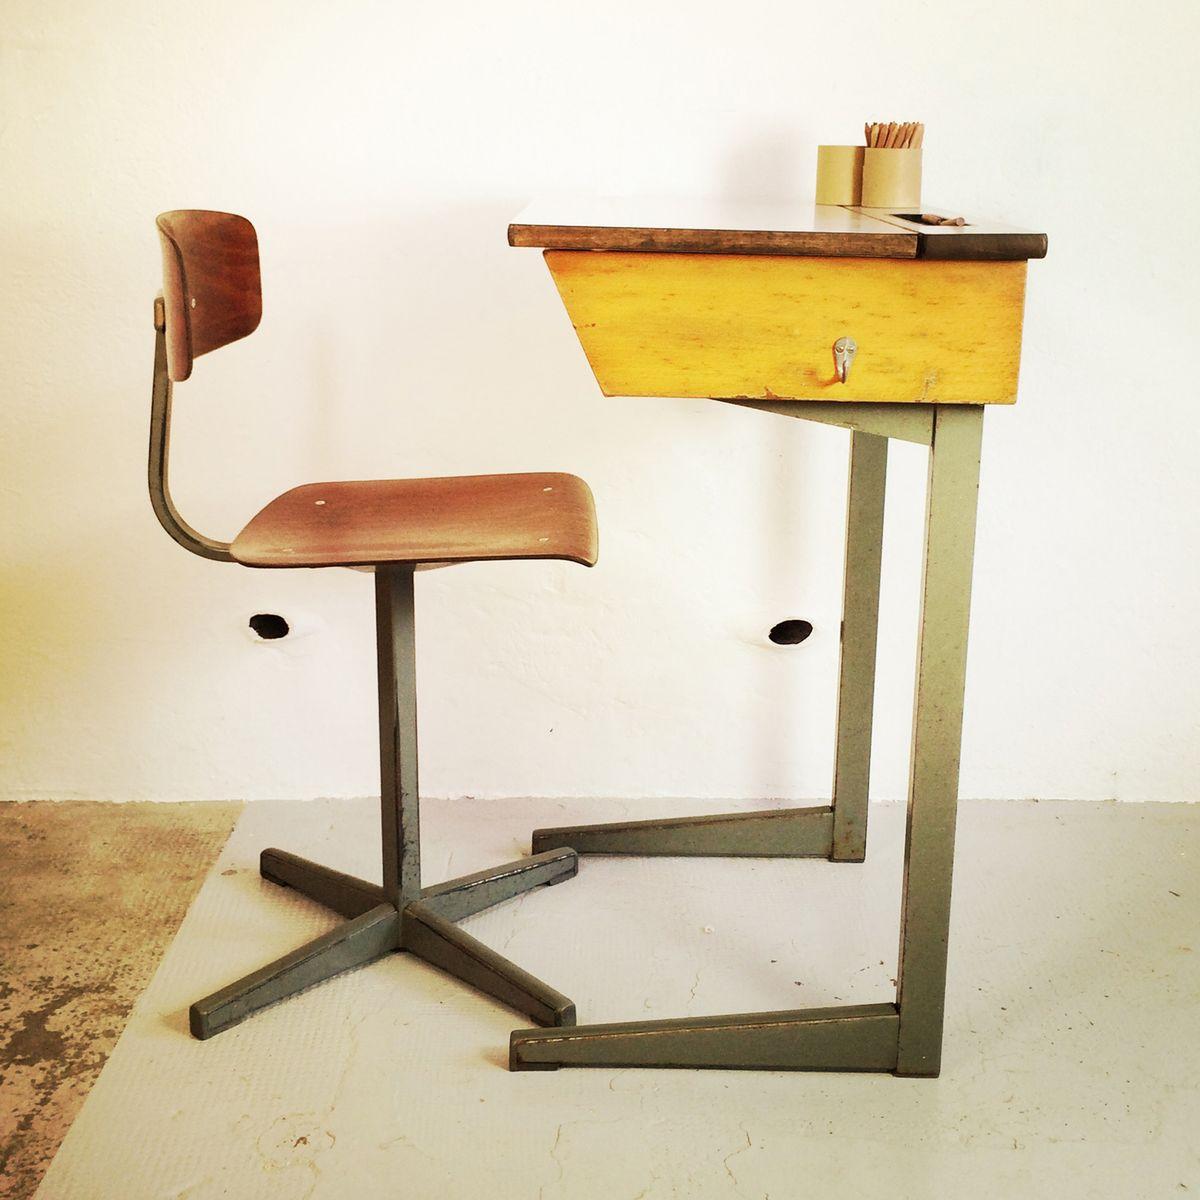 schreibtisch und stuhl f r kinder von friso kramer 1950er. Black Bedroom Furniture Sets. Home Design Ideas